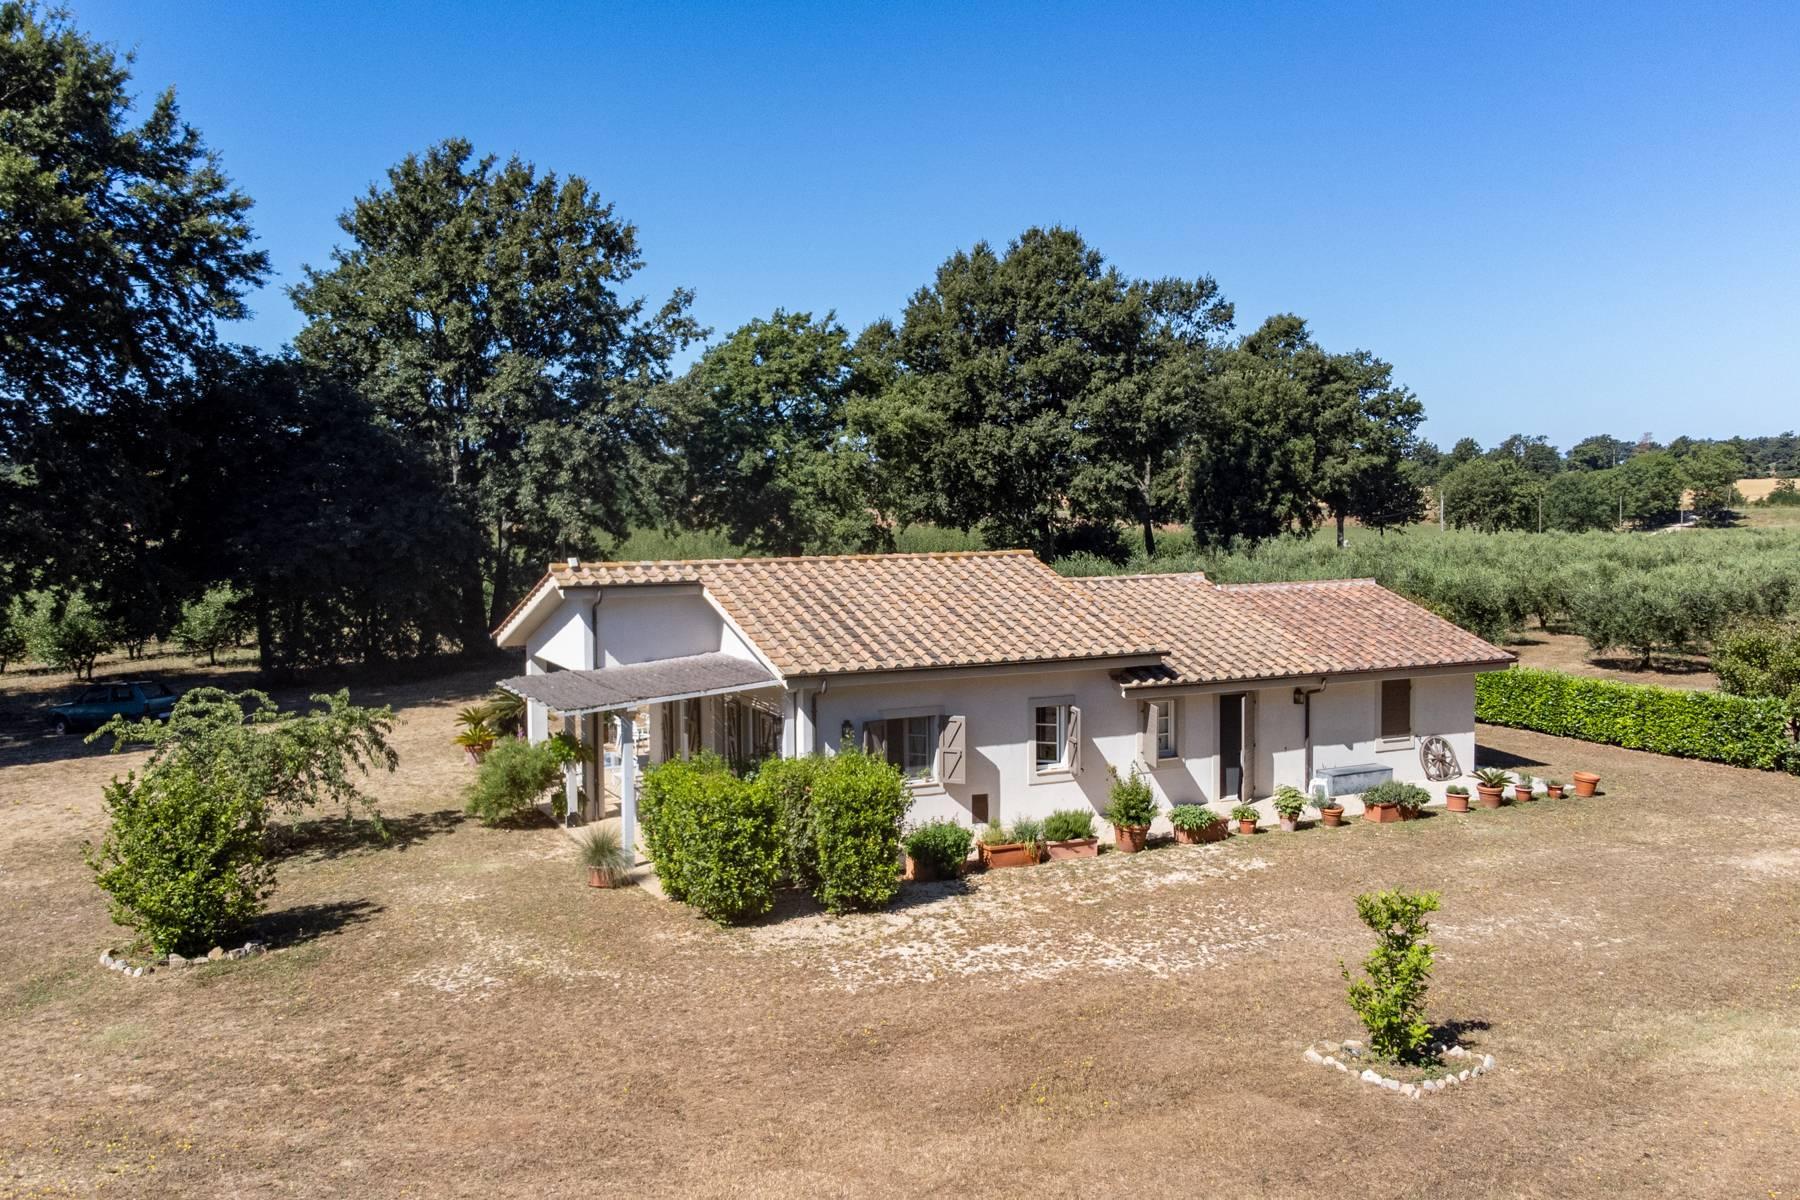 Wunderschönes Anwesen im Grünen, nur einen Steinwurf von Manciano entfernt - 27